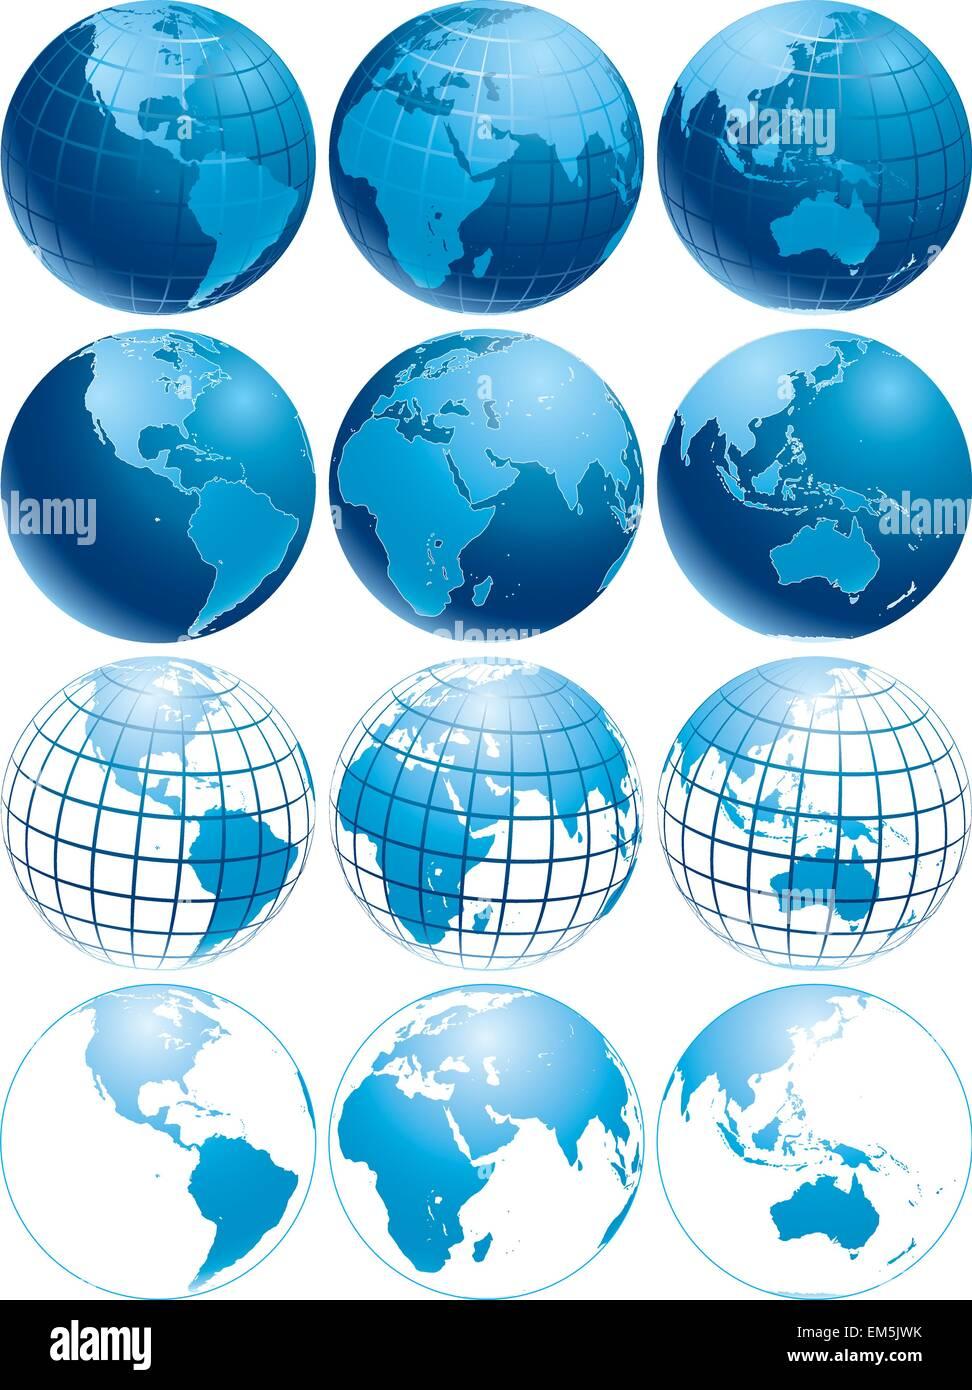 Illustrazione Vettoriale di tre differenti shiny Blue Earth globi con aspetto diverso Immagini Stock